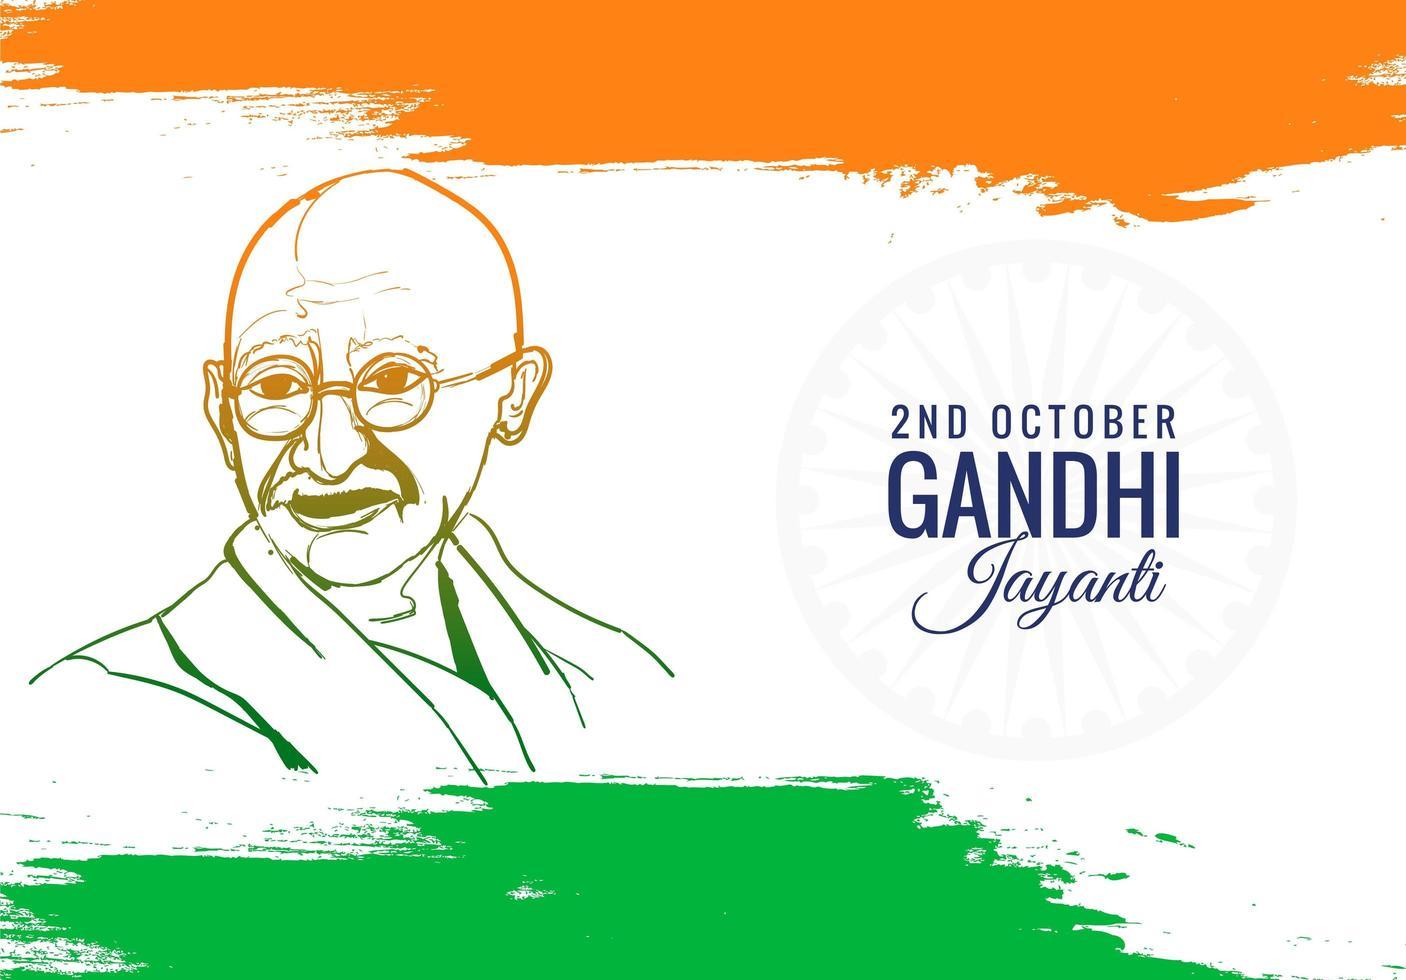 buntes Plakat oder Karte für den Gandhi Jayanti-Feiertagshintergrund vektor